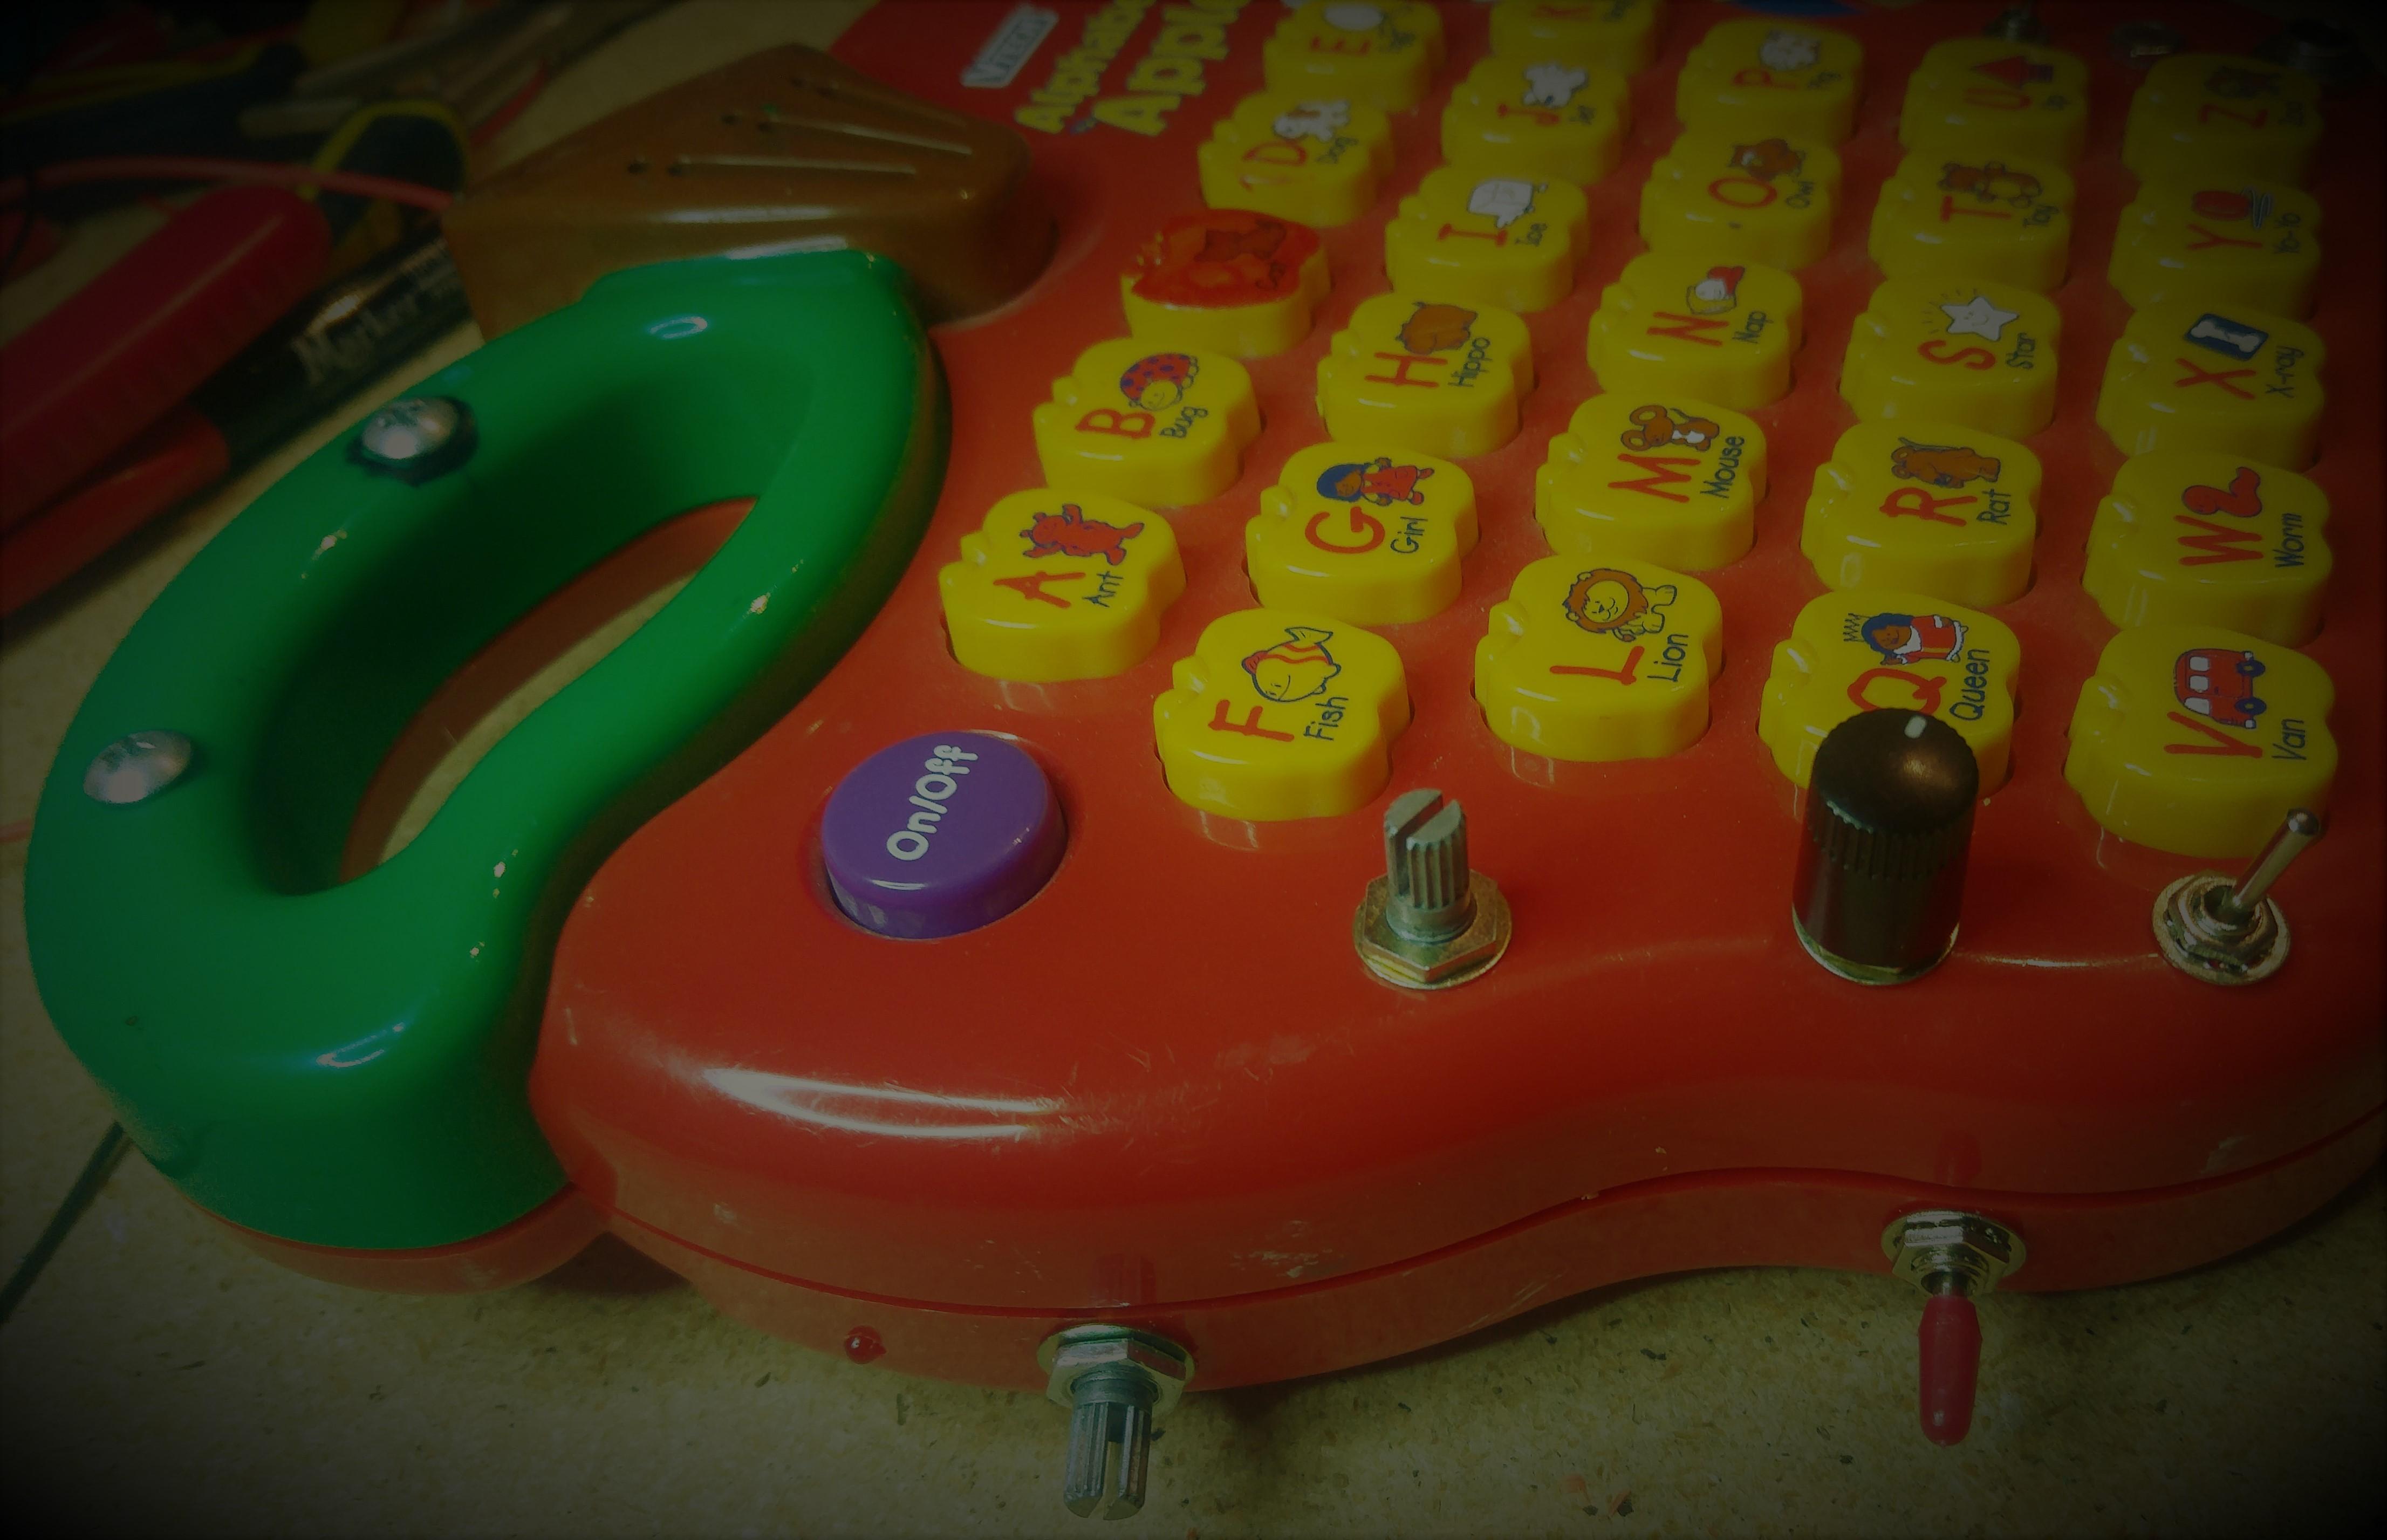 circuit bending, loop trigger, 555